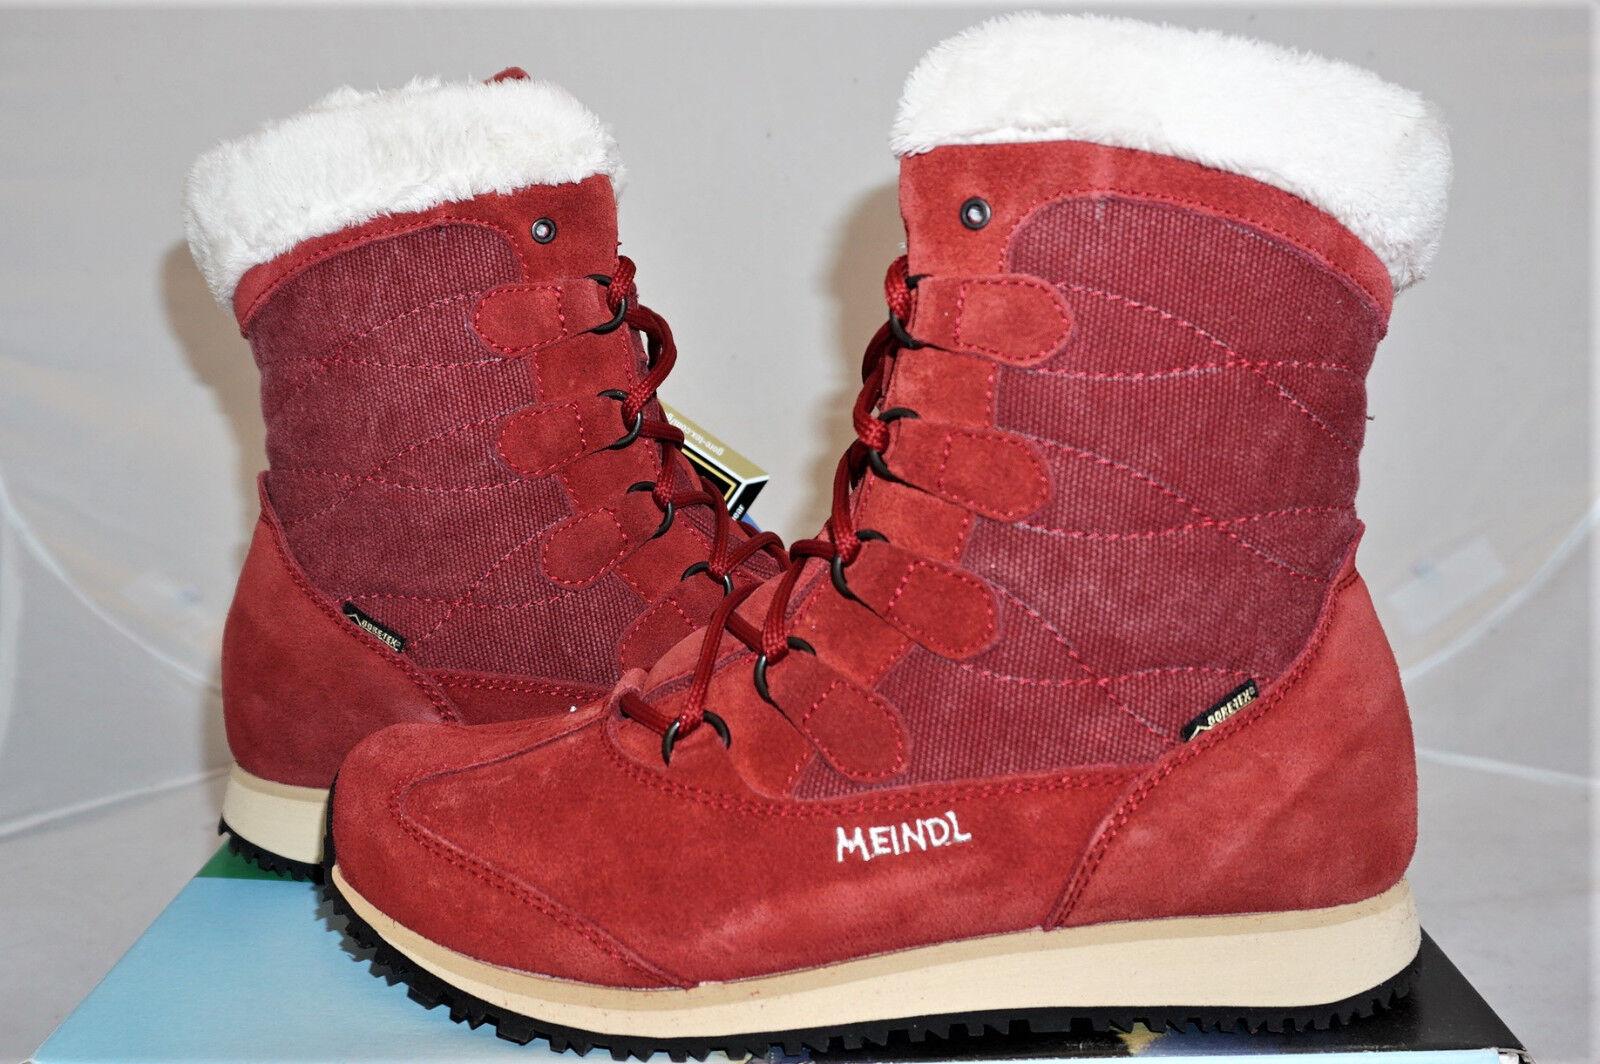 Meindl Cristallo Lady GTX UK 4,5 UE 37,5 37,5 37,5 botas de invierno de piel botas de montaña  nuevo 2169c5